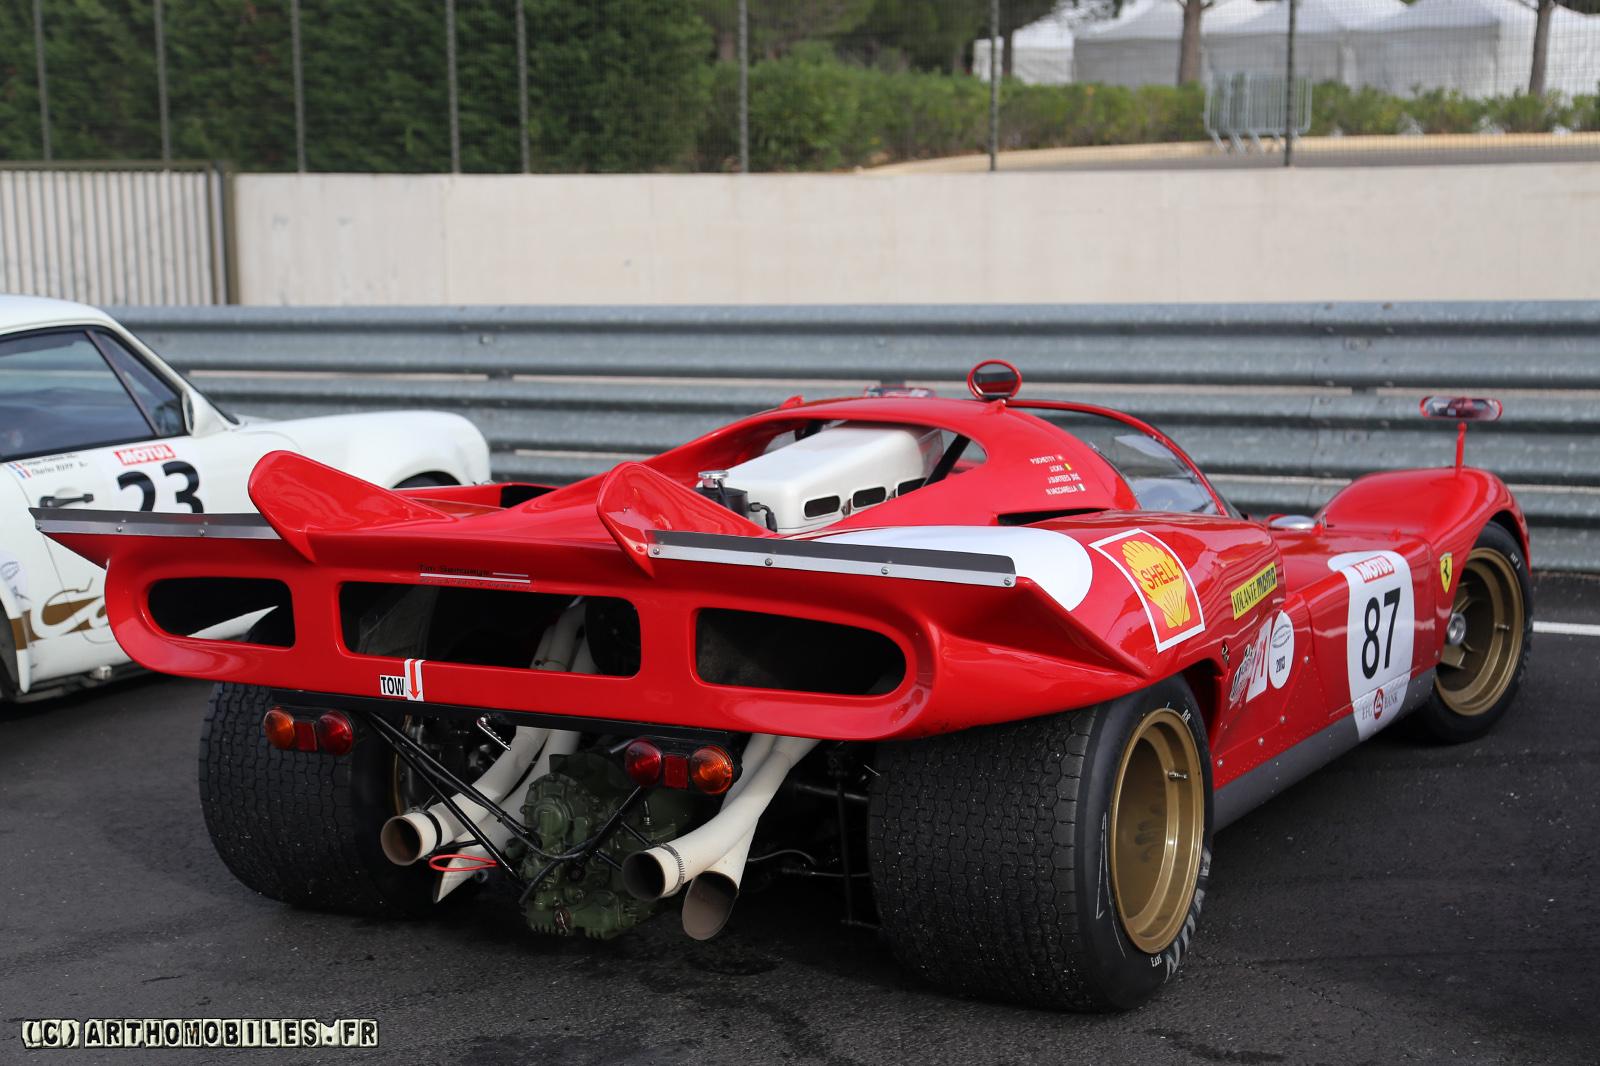 Mes rencontres avec les ferrari 512 de course ch ssis par - Photo voiture de course ferrari ...